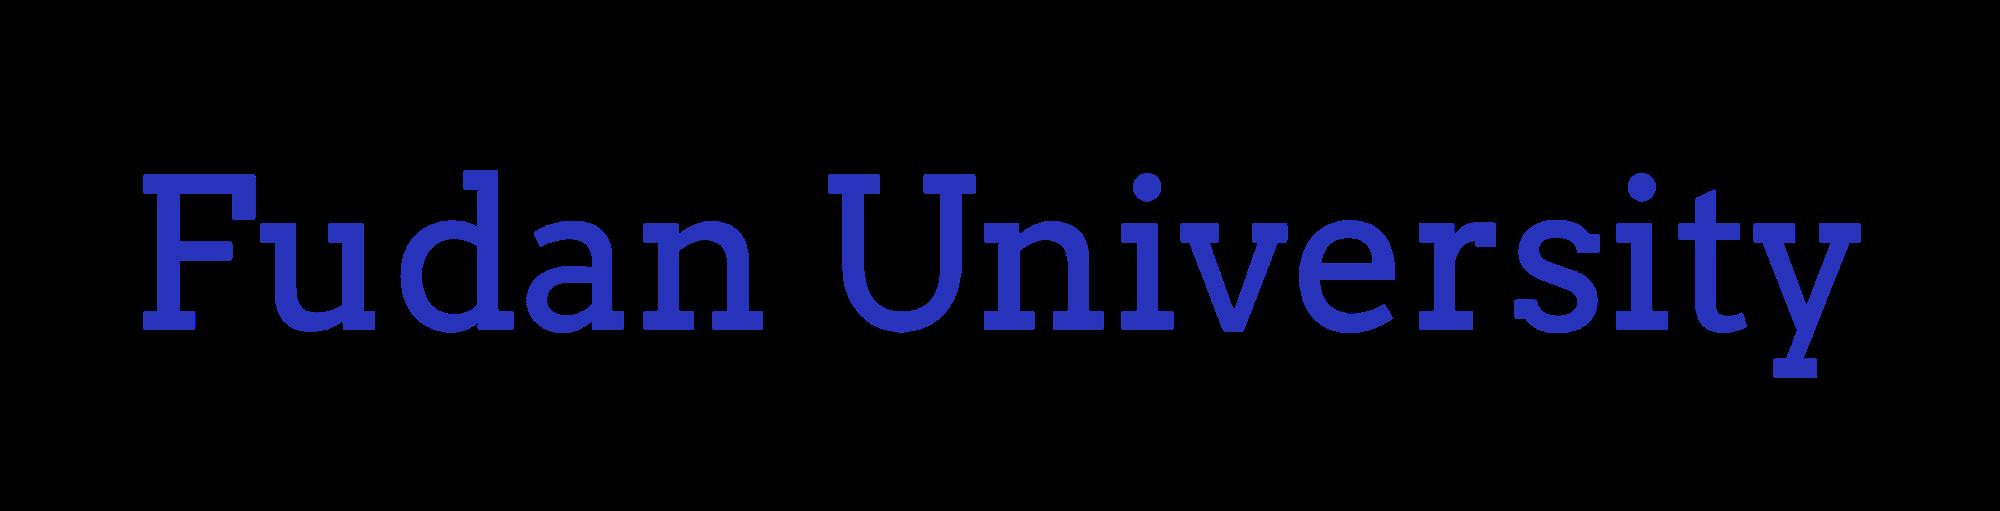 Fudan University-logo.png